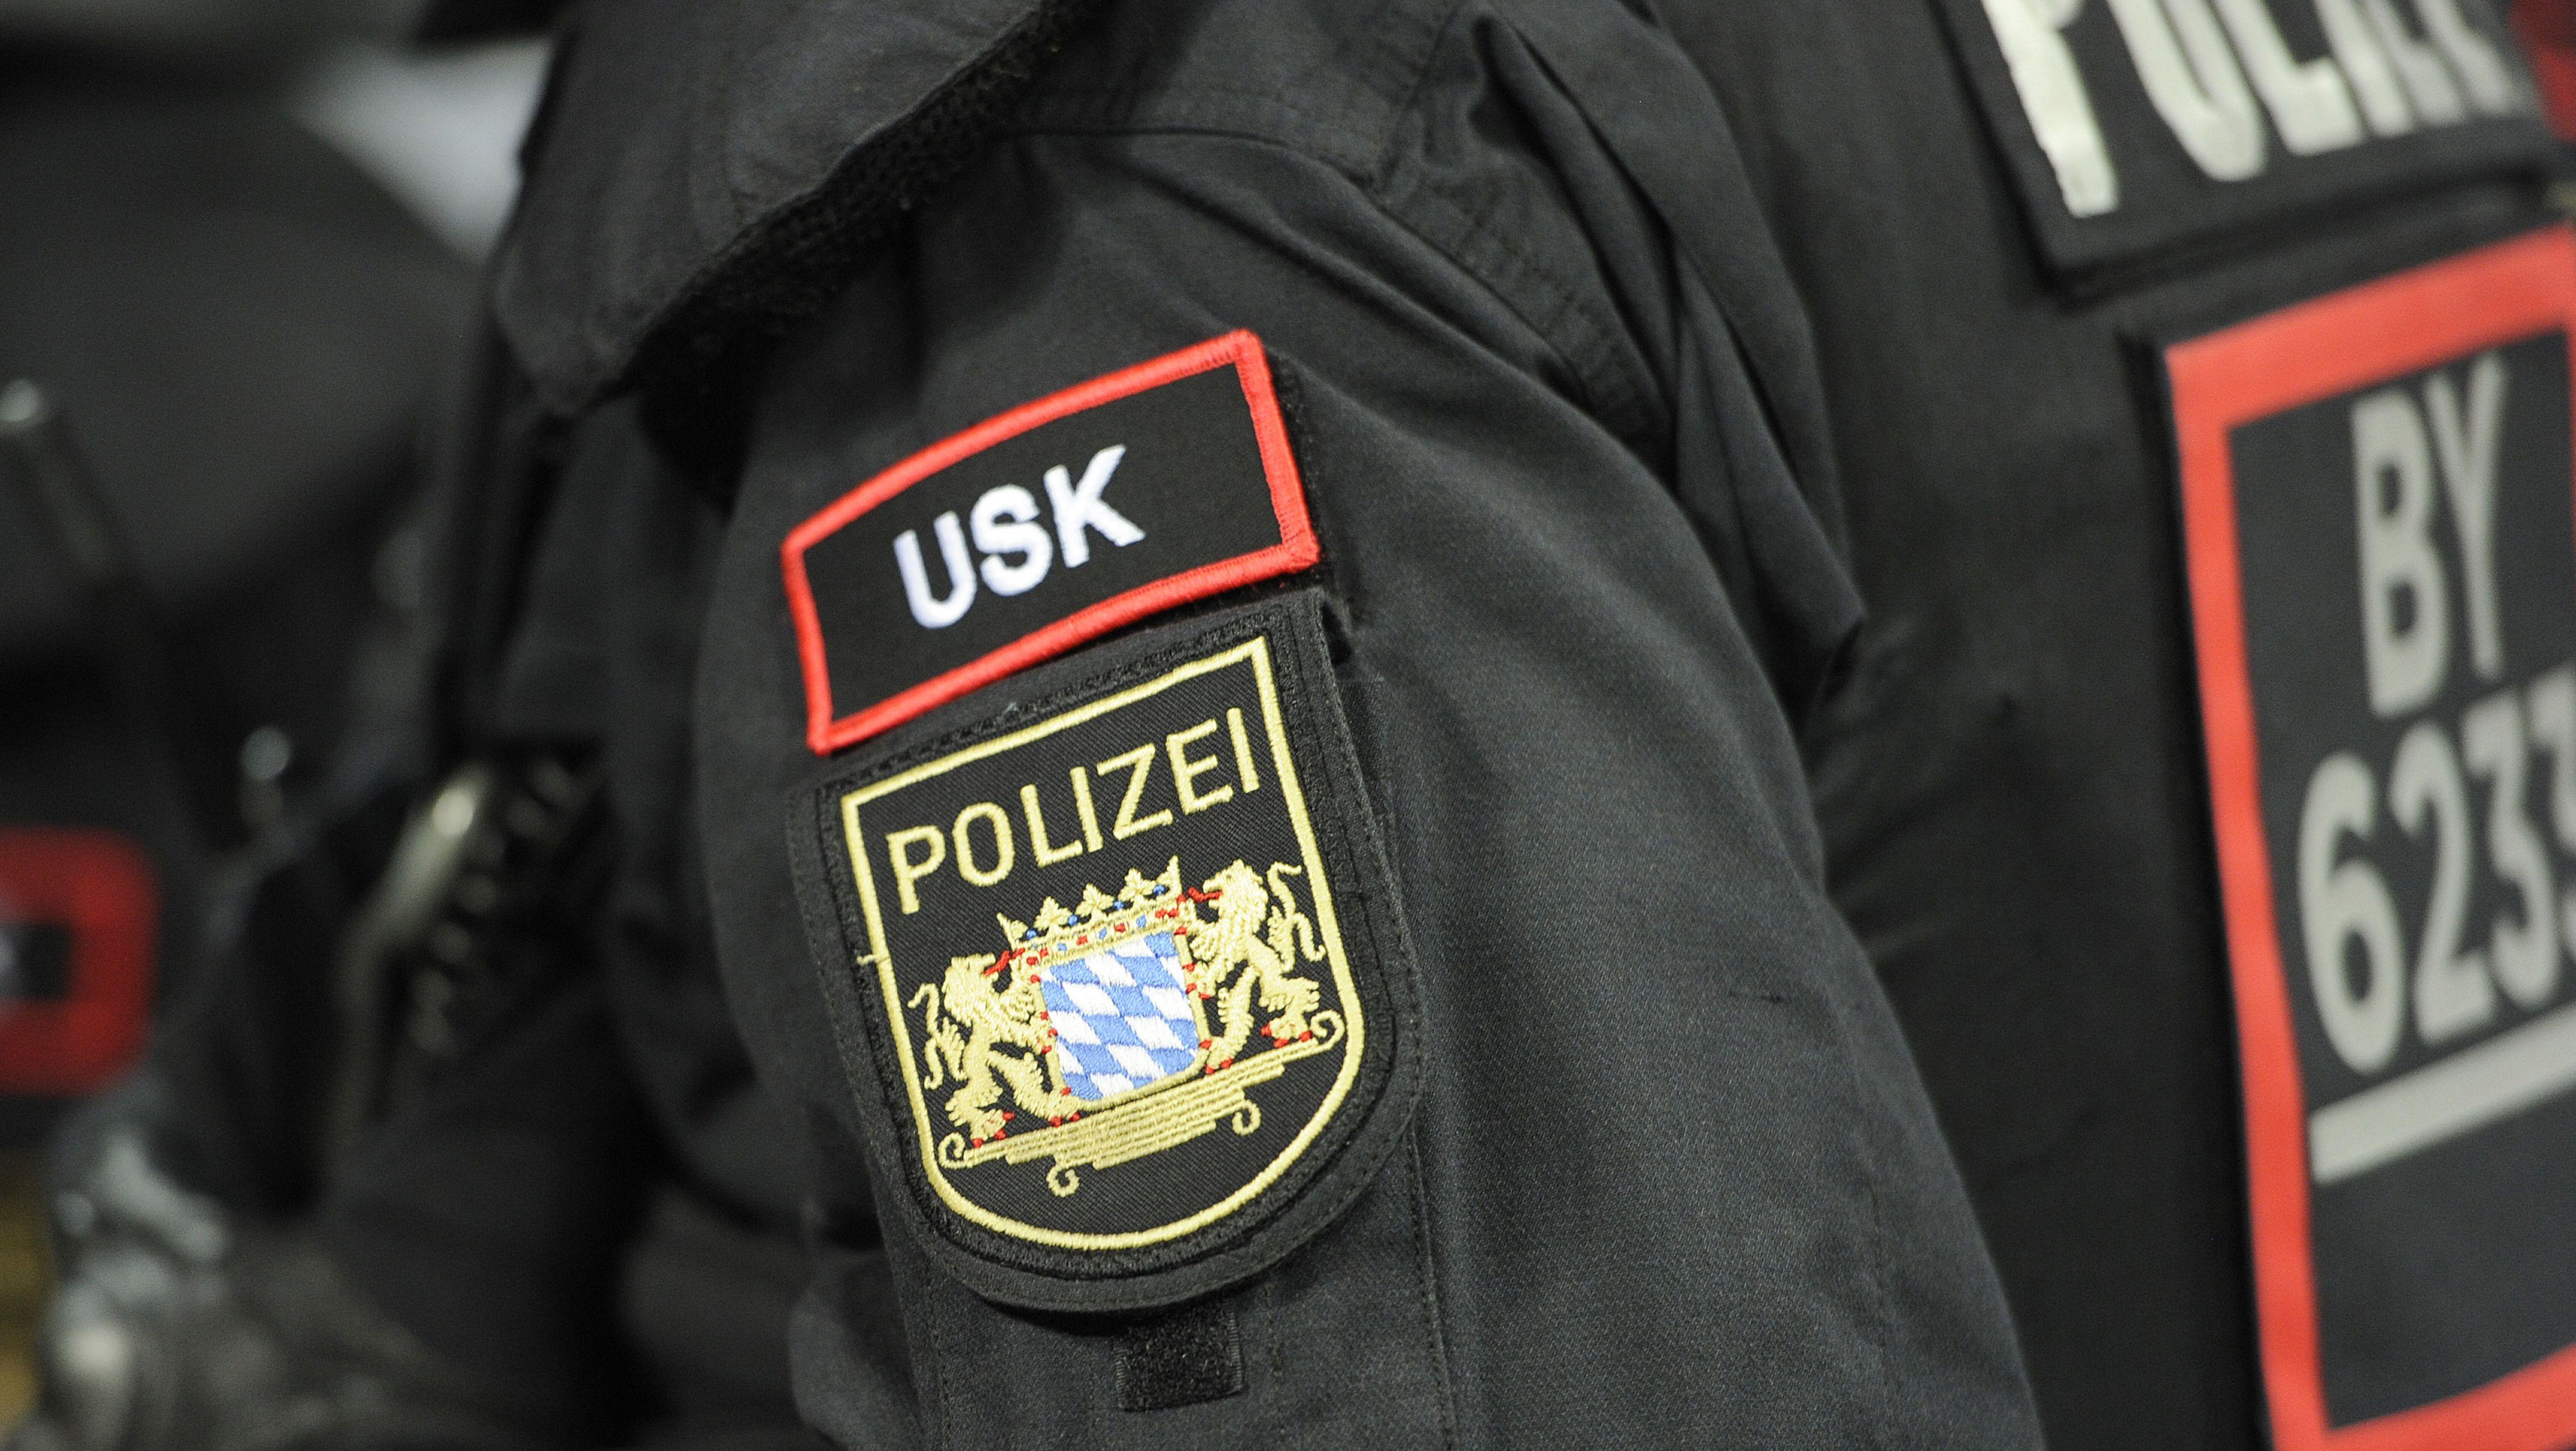 Ein USK-Beamter (Unterstützungskommando) der Münchner Polizei in der Allianz Arena.